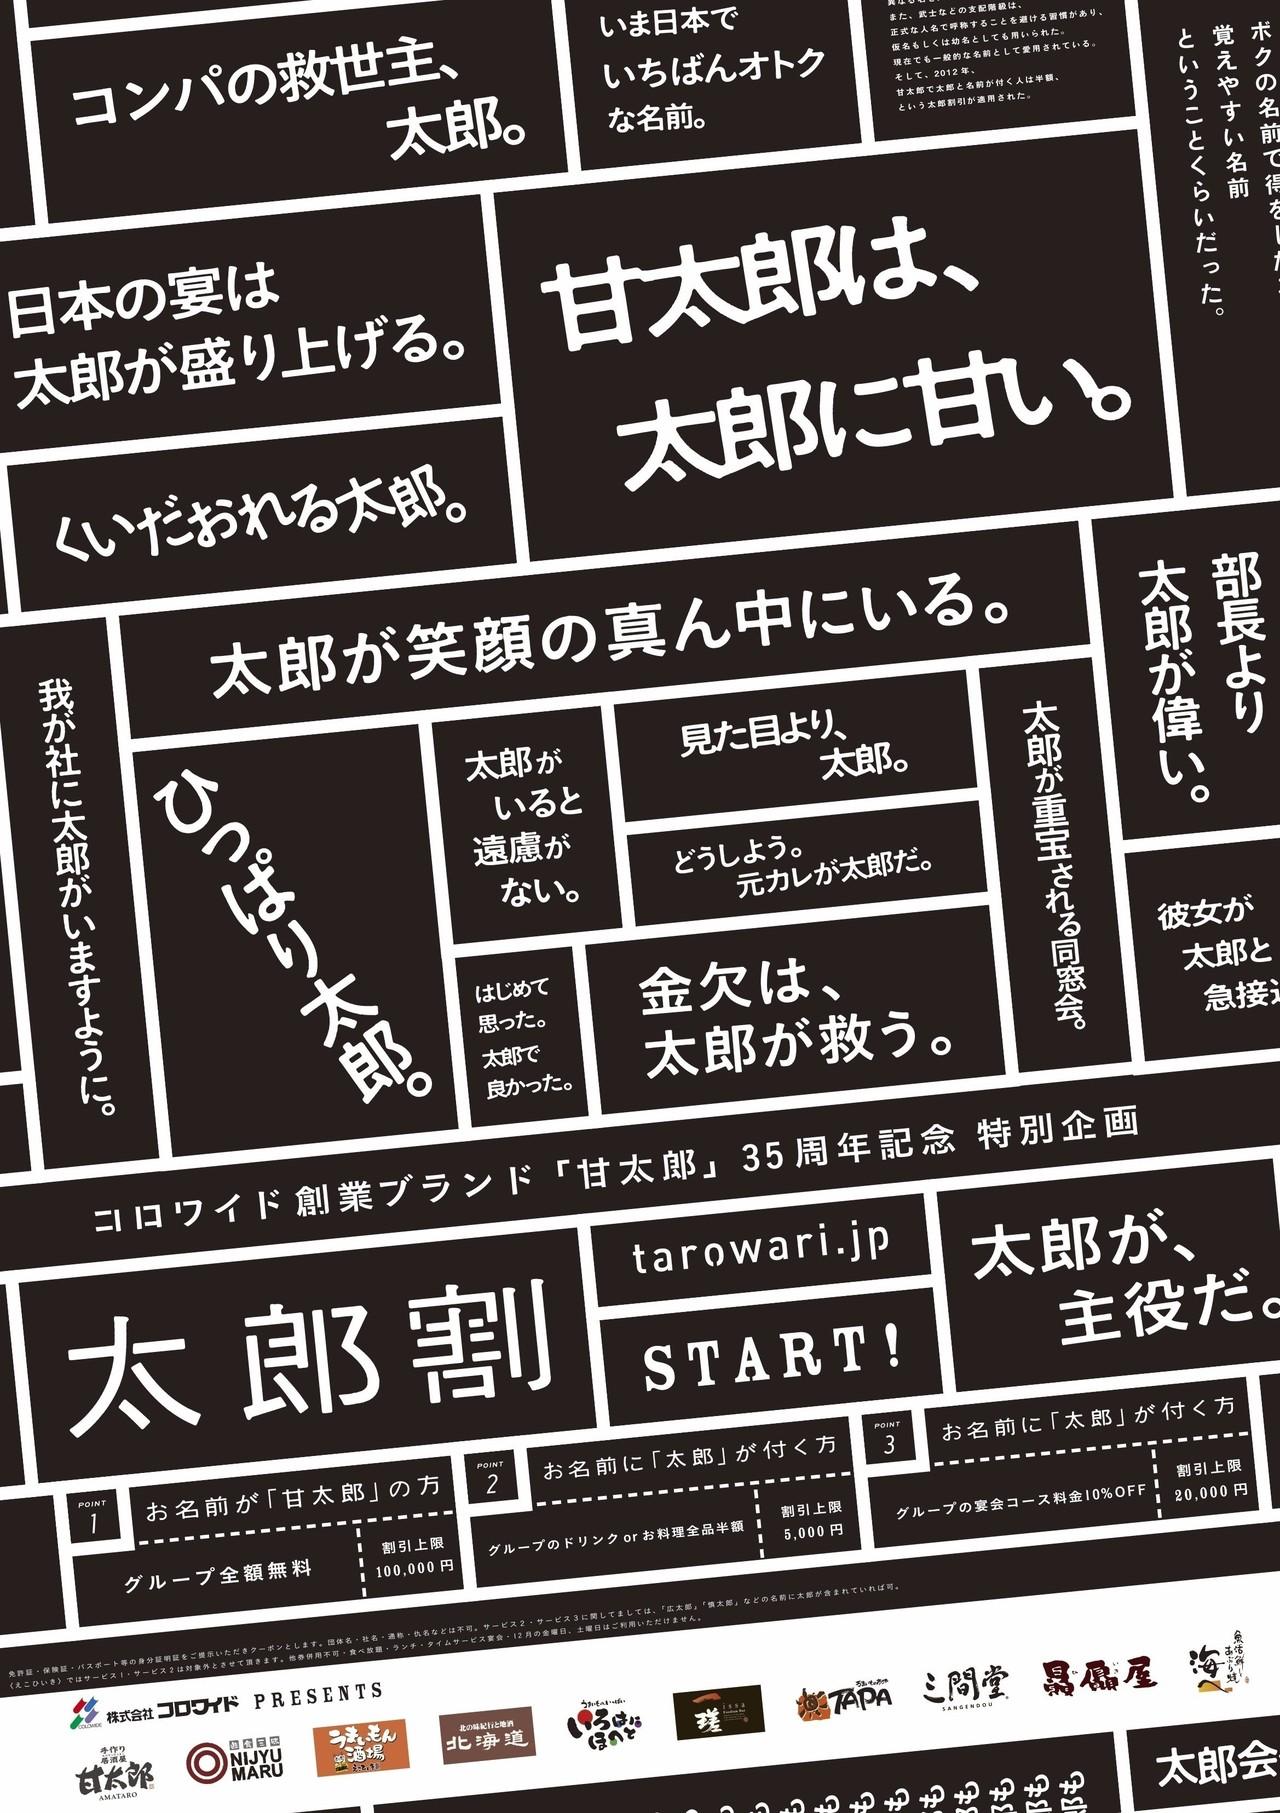 甘太郎「太郎割」のキャンペーンビジュアル